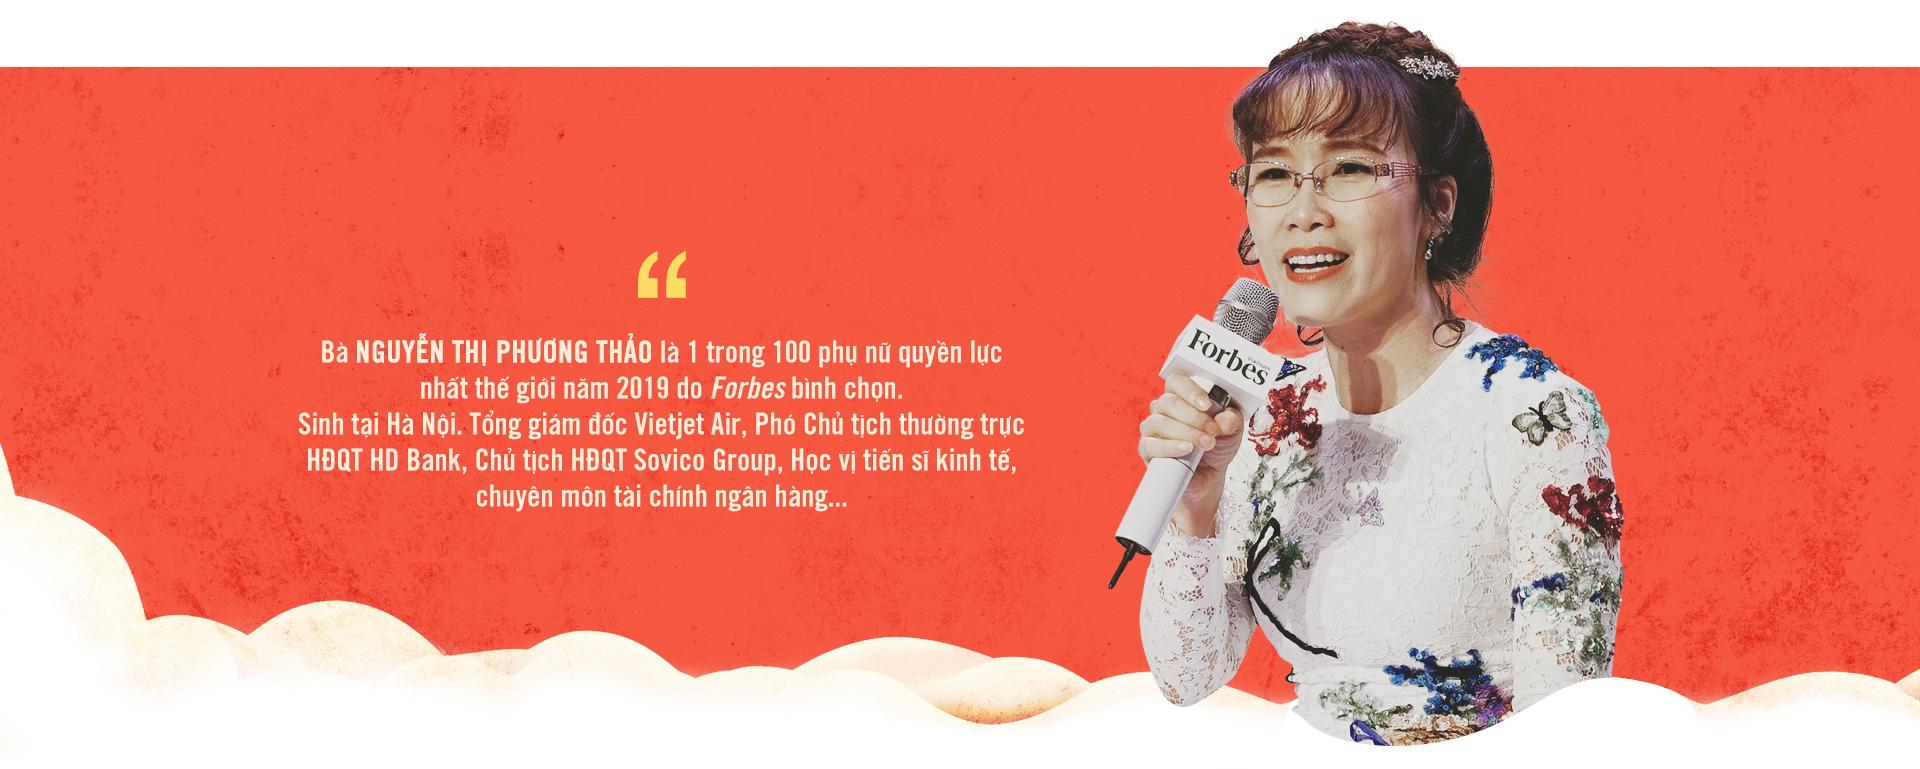 CEO Vietjet Nguyễn Thị Phương Thảo: Tiền nhiều để hiện thực hóa những ước mơ cao đẹp - Ảnh 5.